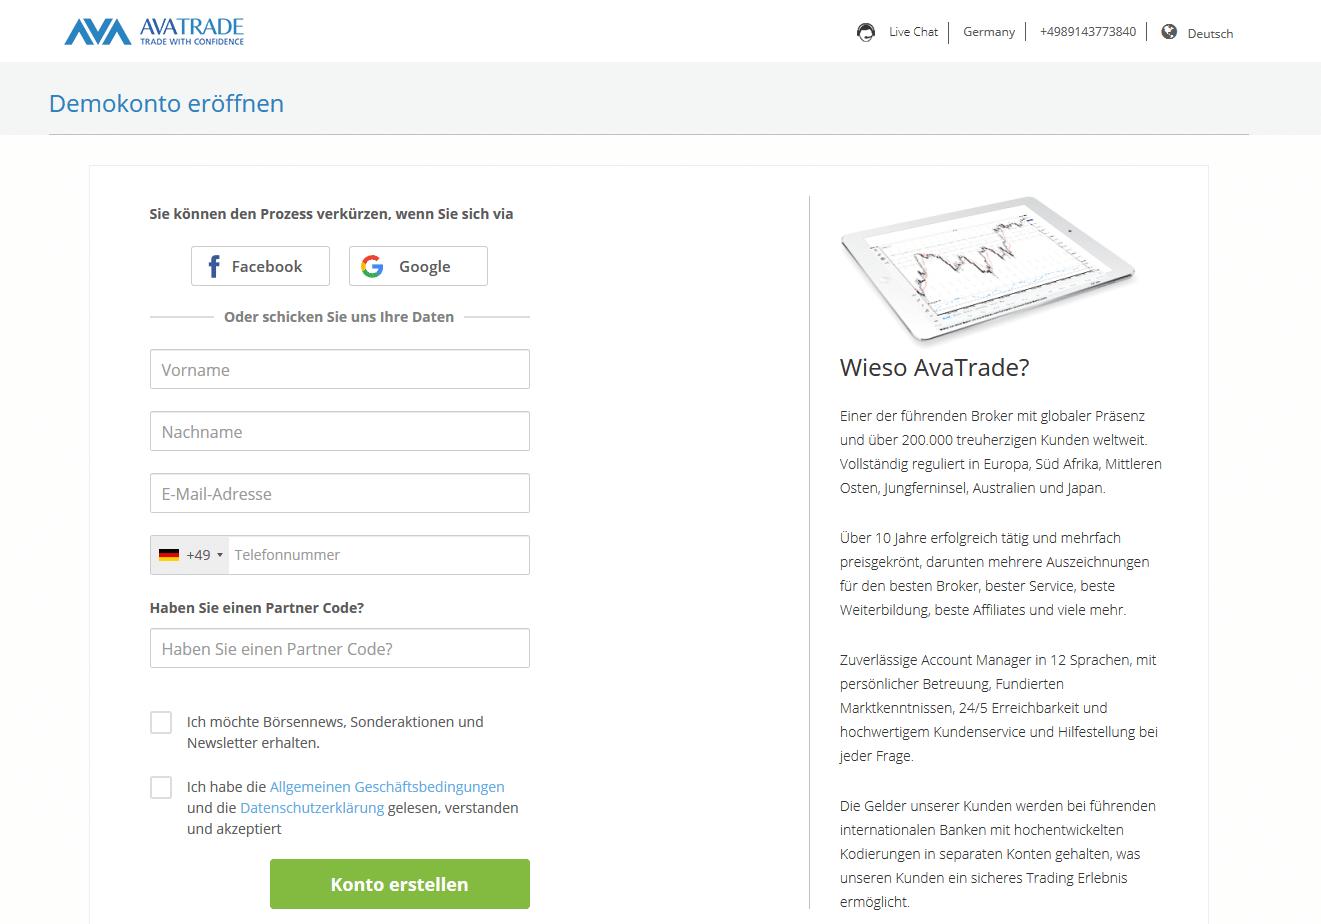 Online-Formular zur Eröffnung eines Demokontos bei AvaTrade